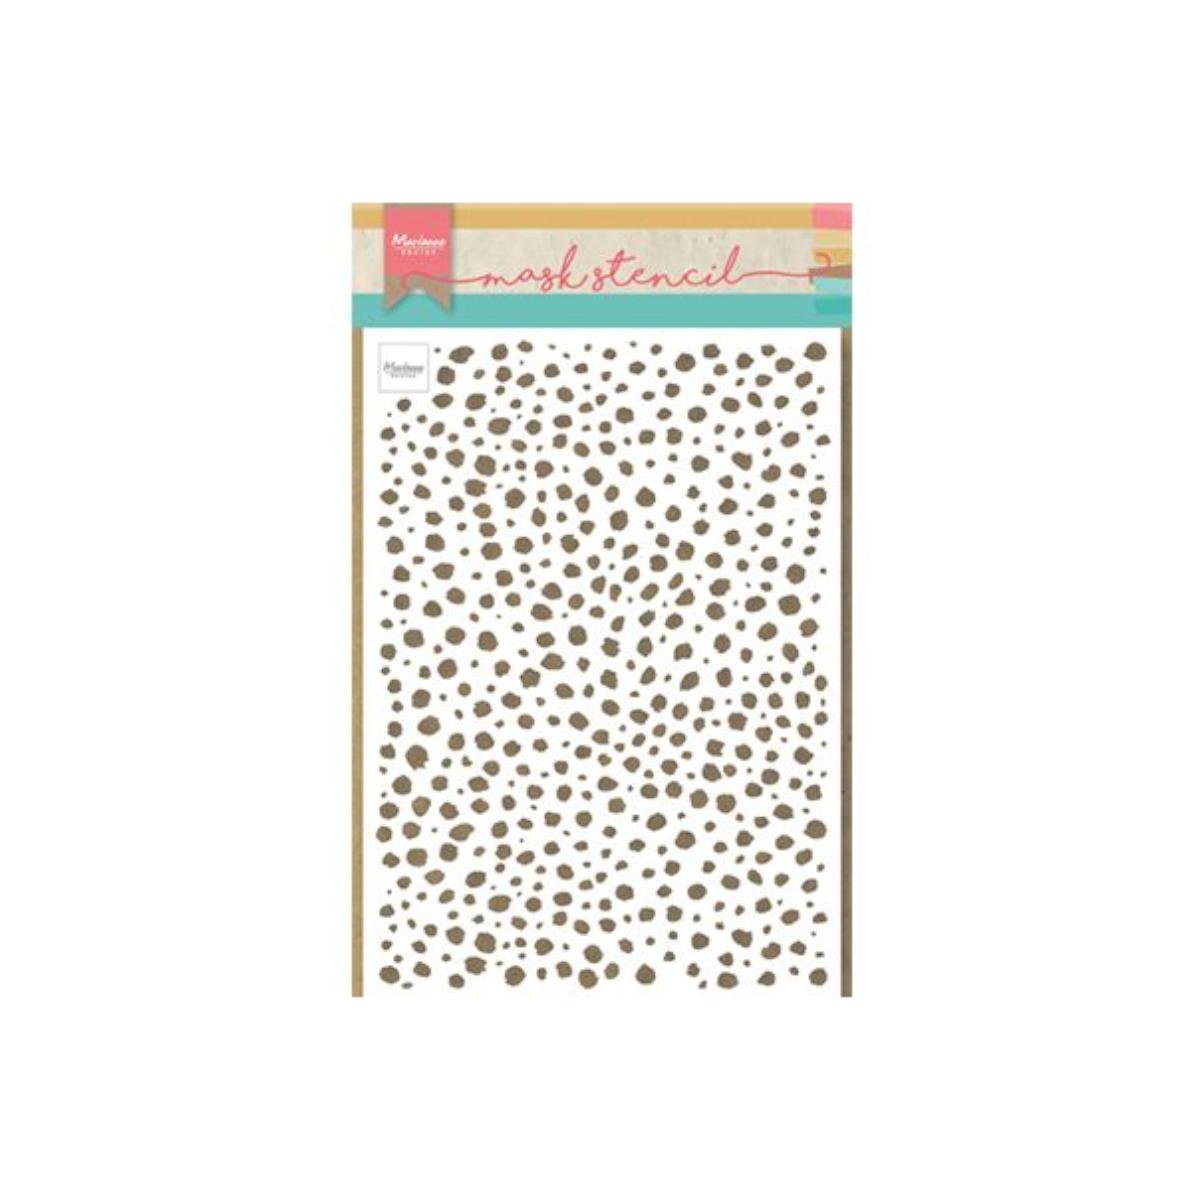 Stencil, 21 x 15, Cheeta